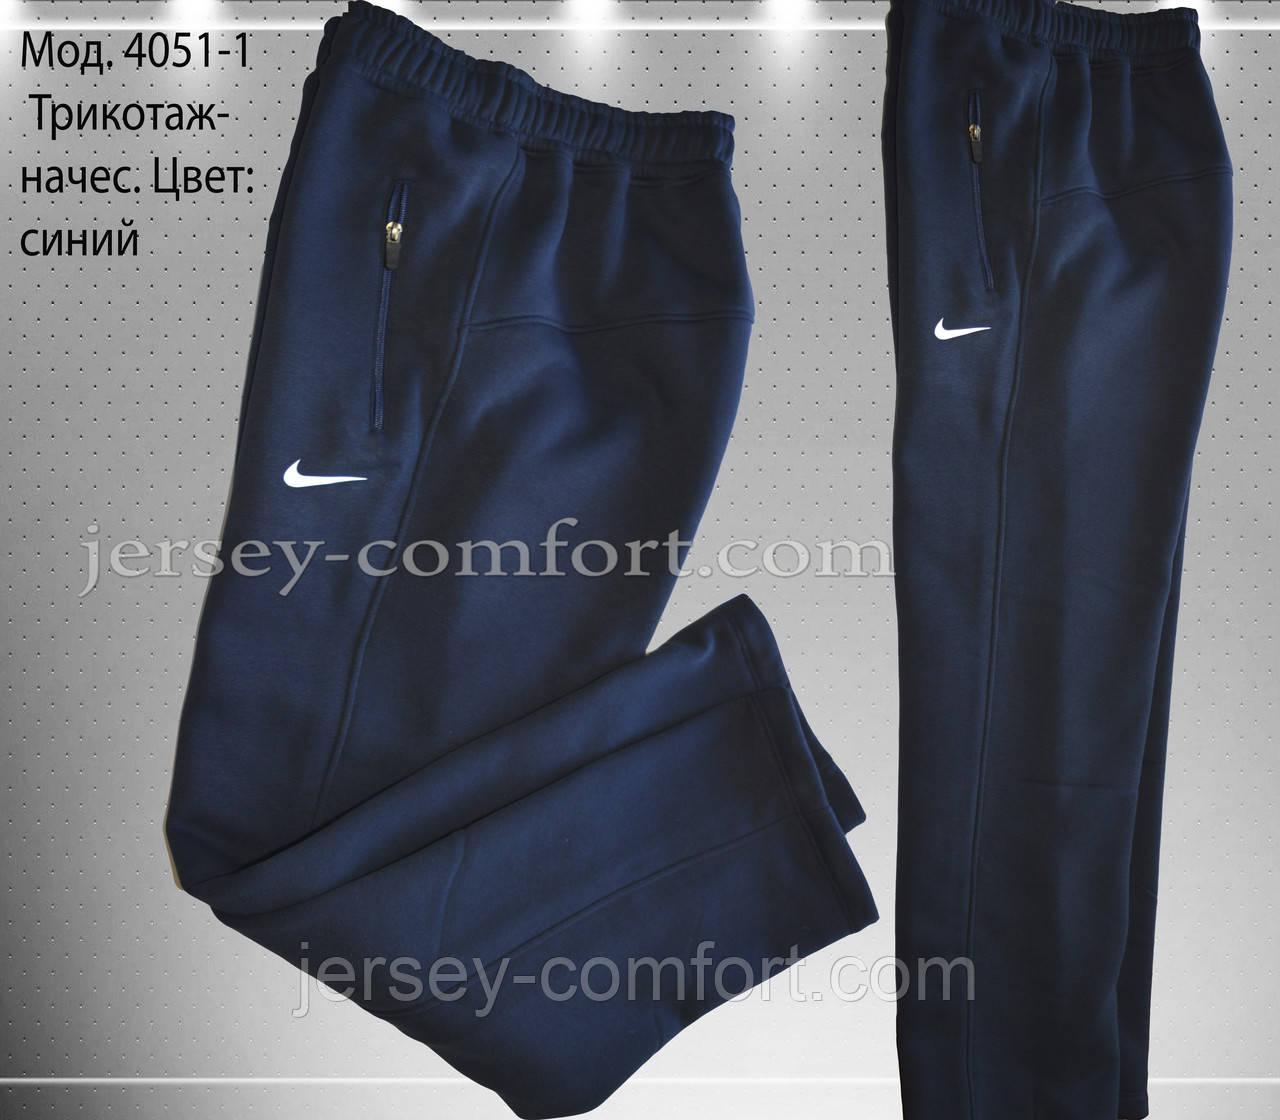 Мужские утепленные брюки- трикотаж-начес.